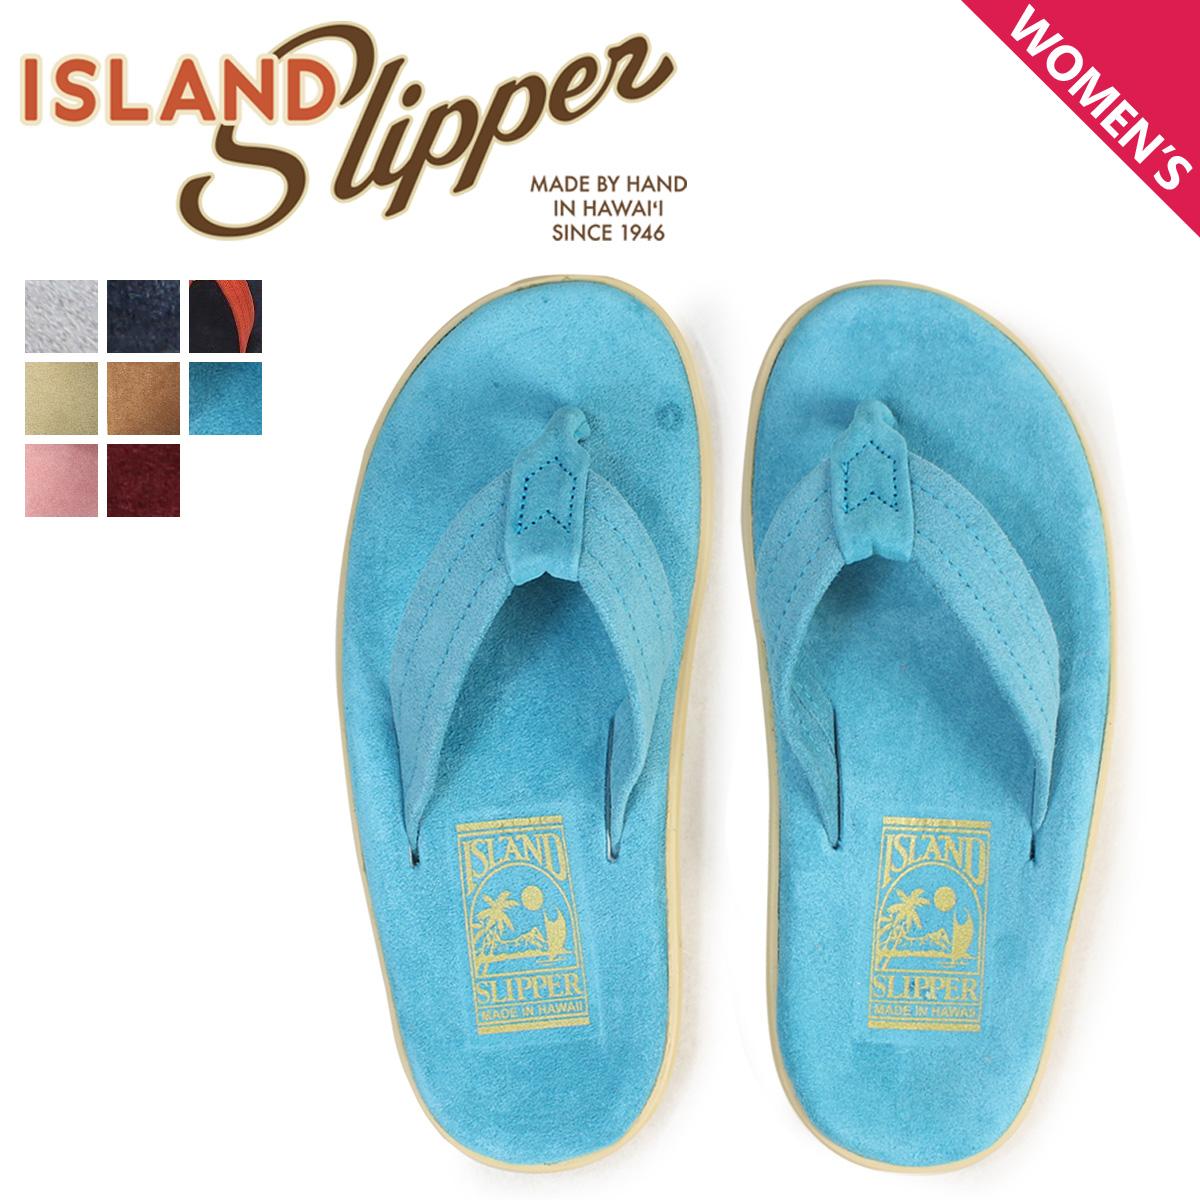 ISLAND SLIPPER アイランドスリッパ サンダル トングサンダル ビーチサンダル レディース スエード CLASSIC SUEDE PT203 [4/6 追加入荷]